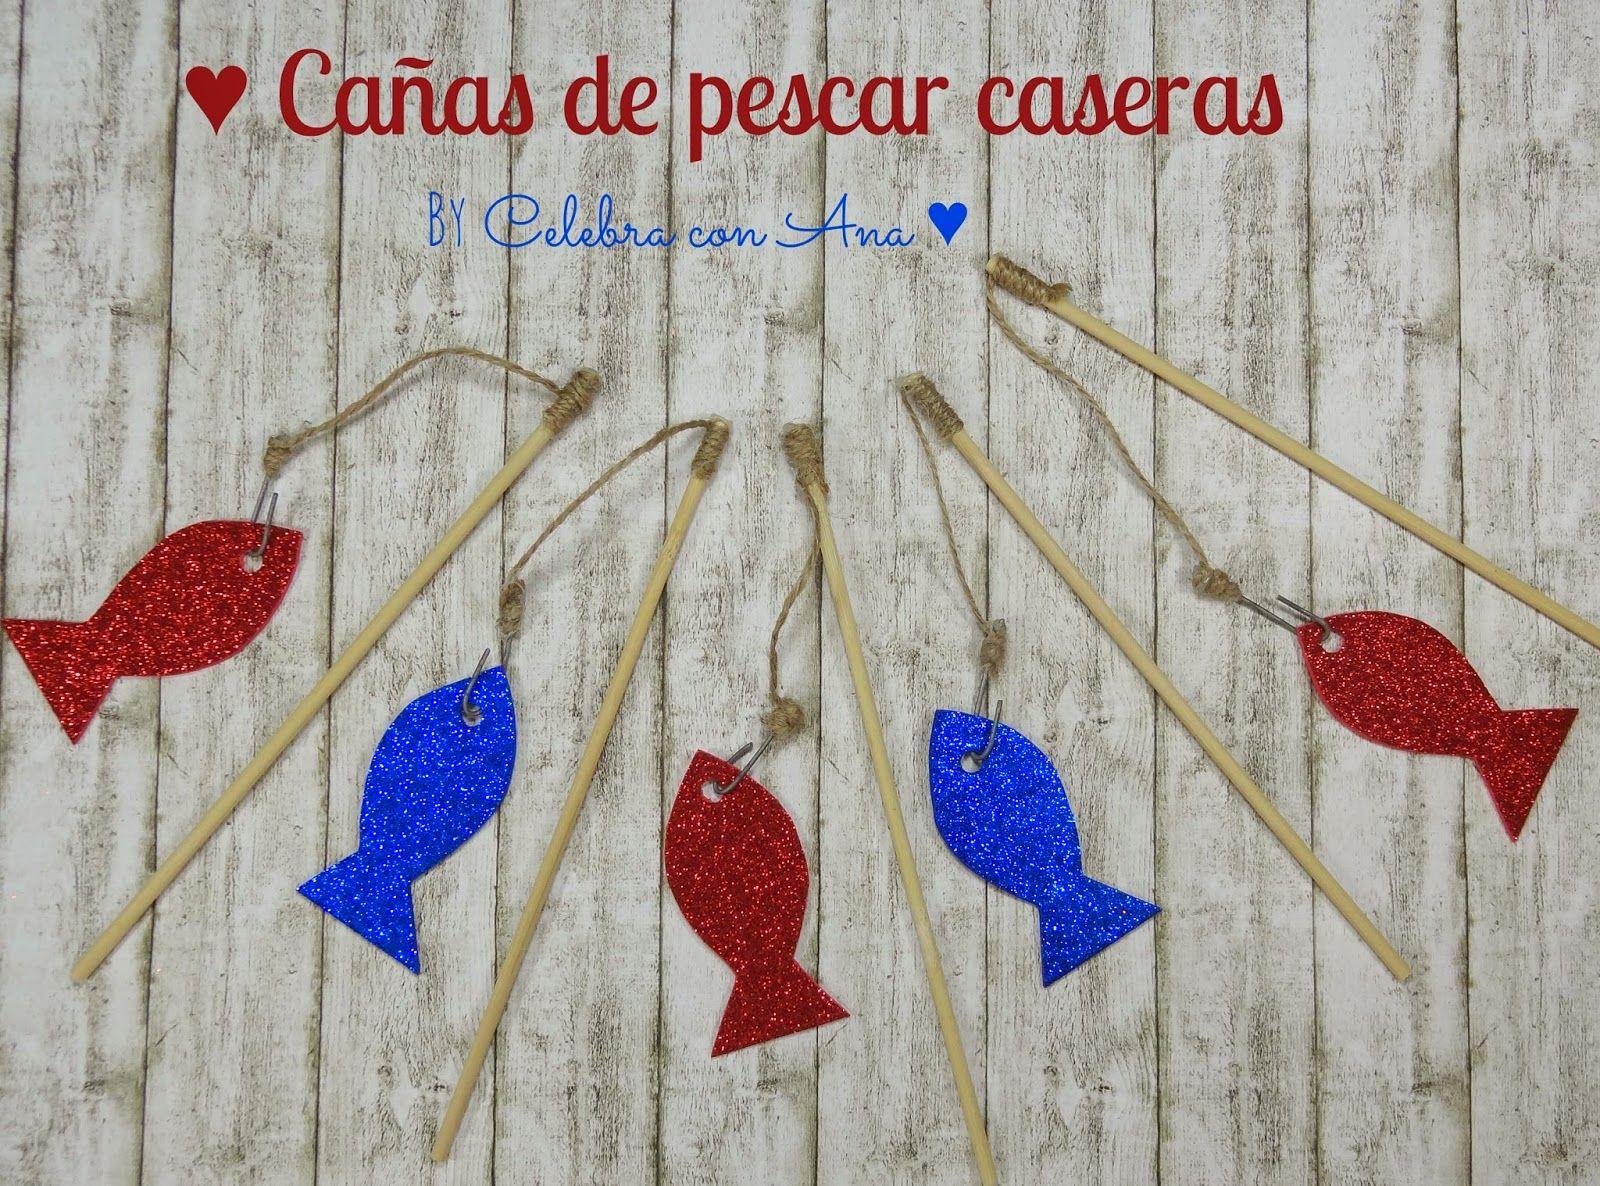 Celebra Con Ana Hacer Cañas De Pescar Decorativas Cañas De Pescar Manualidades Cristianas Manualidades